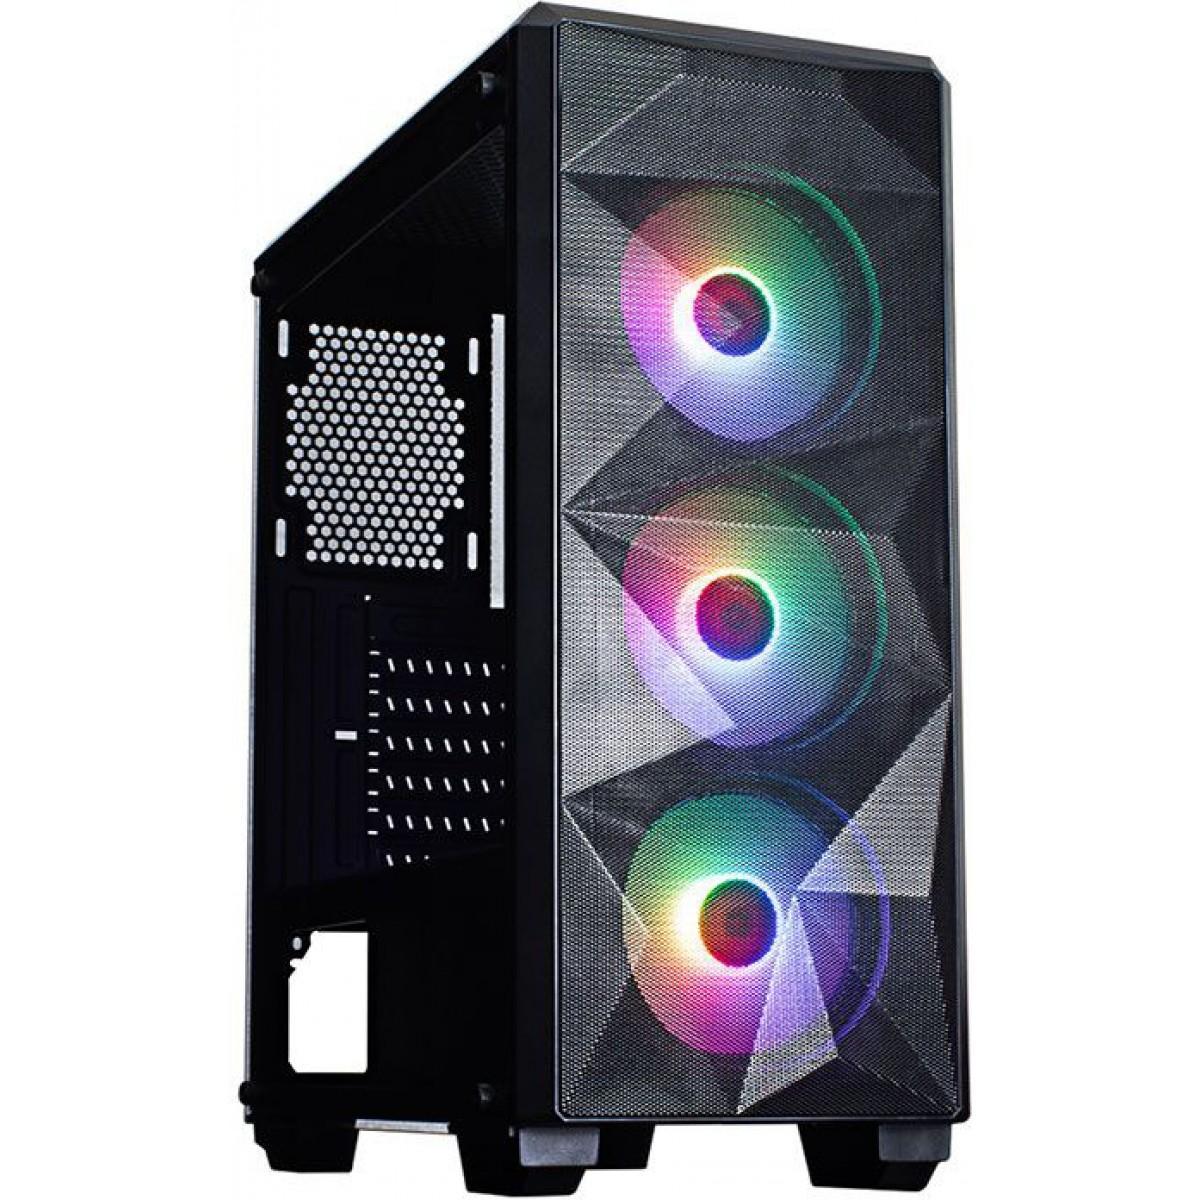 Pc Gamer T-Power Strong Lvl-6 Intel Core i7 10700 / Geforce RTX 2060 Super / DDR4 16GB / HD 1TB / 600W